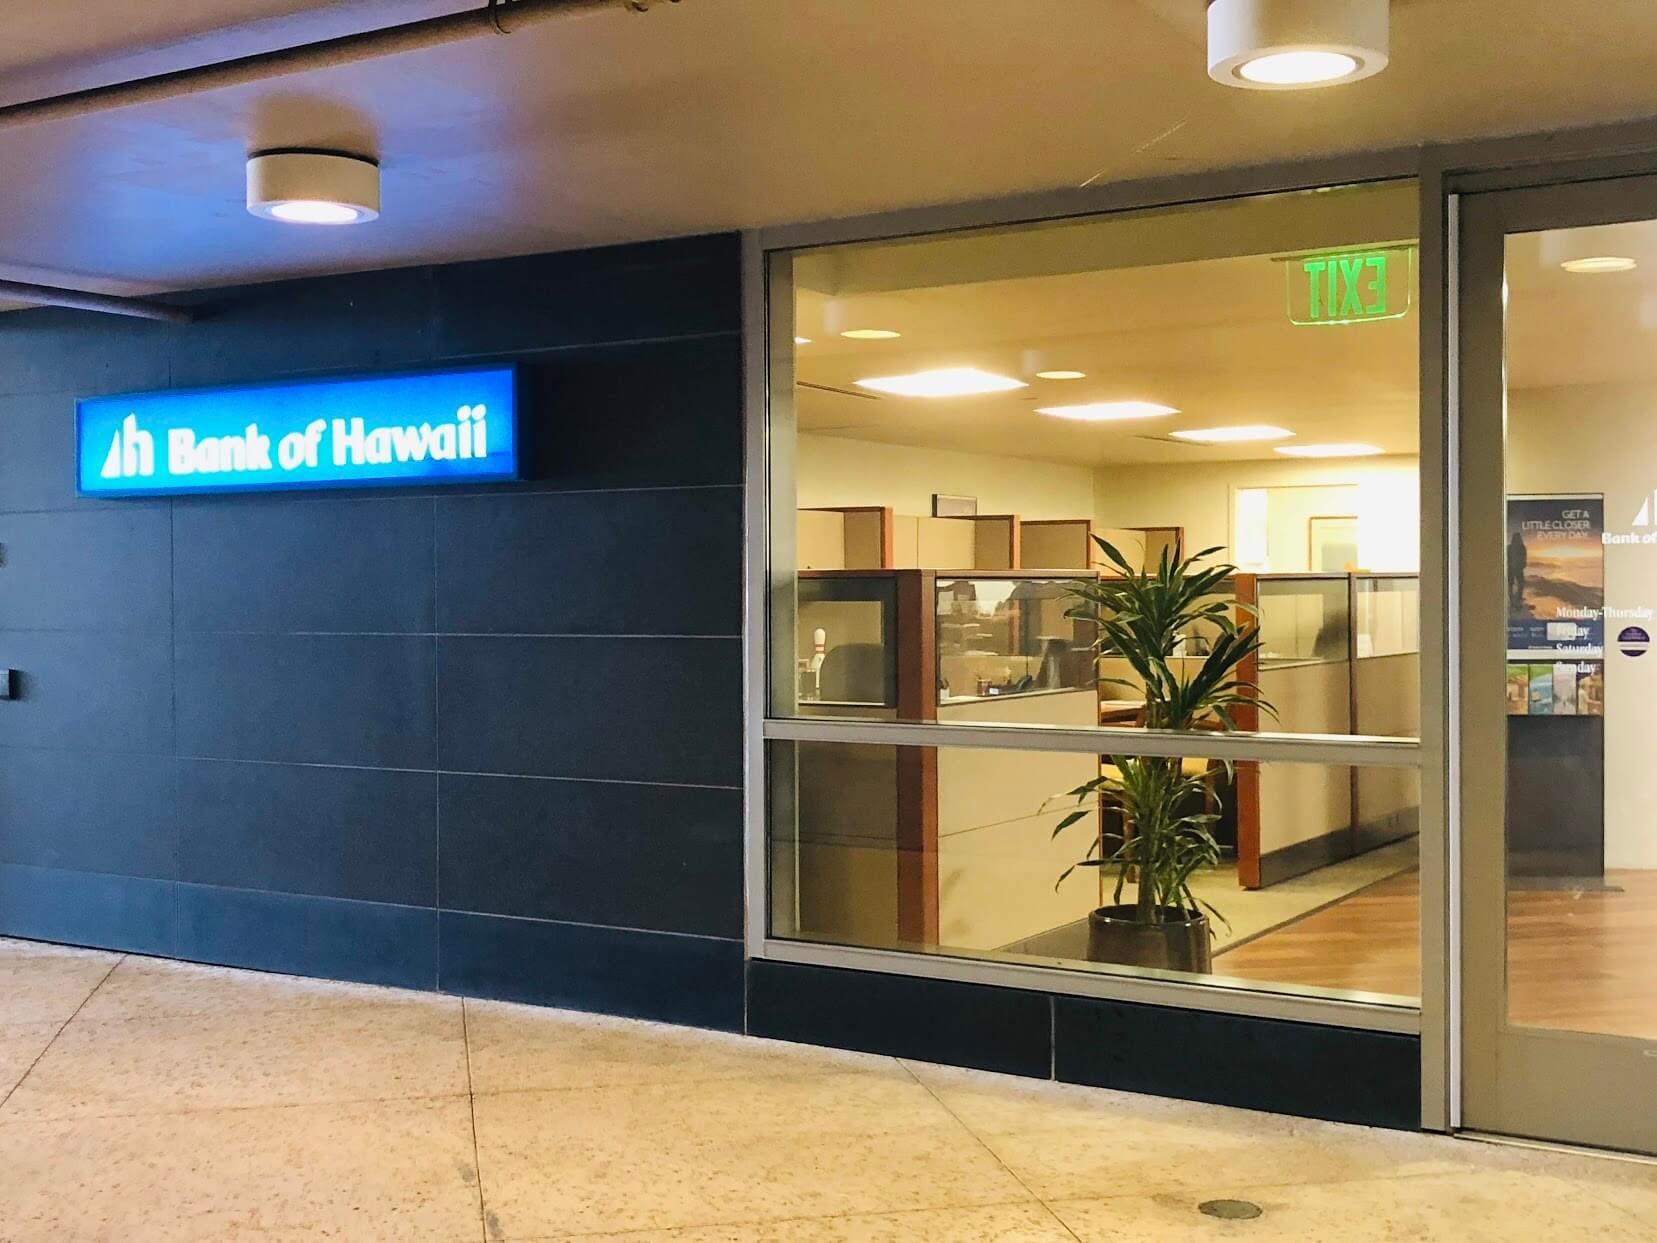 Hokuaの銀行